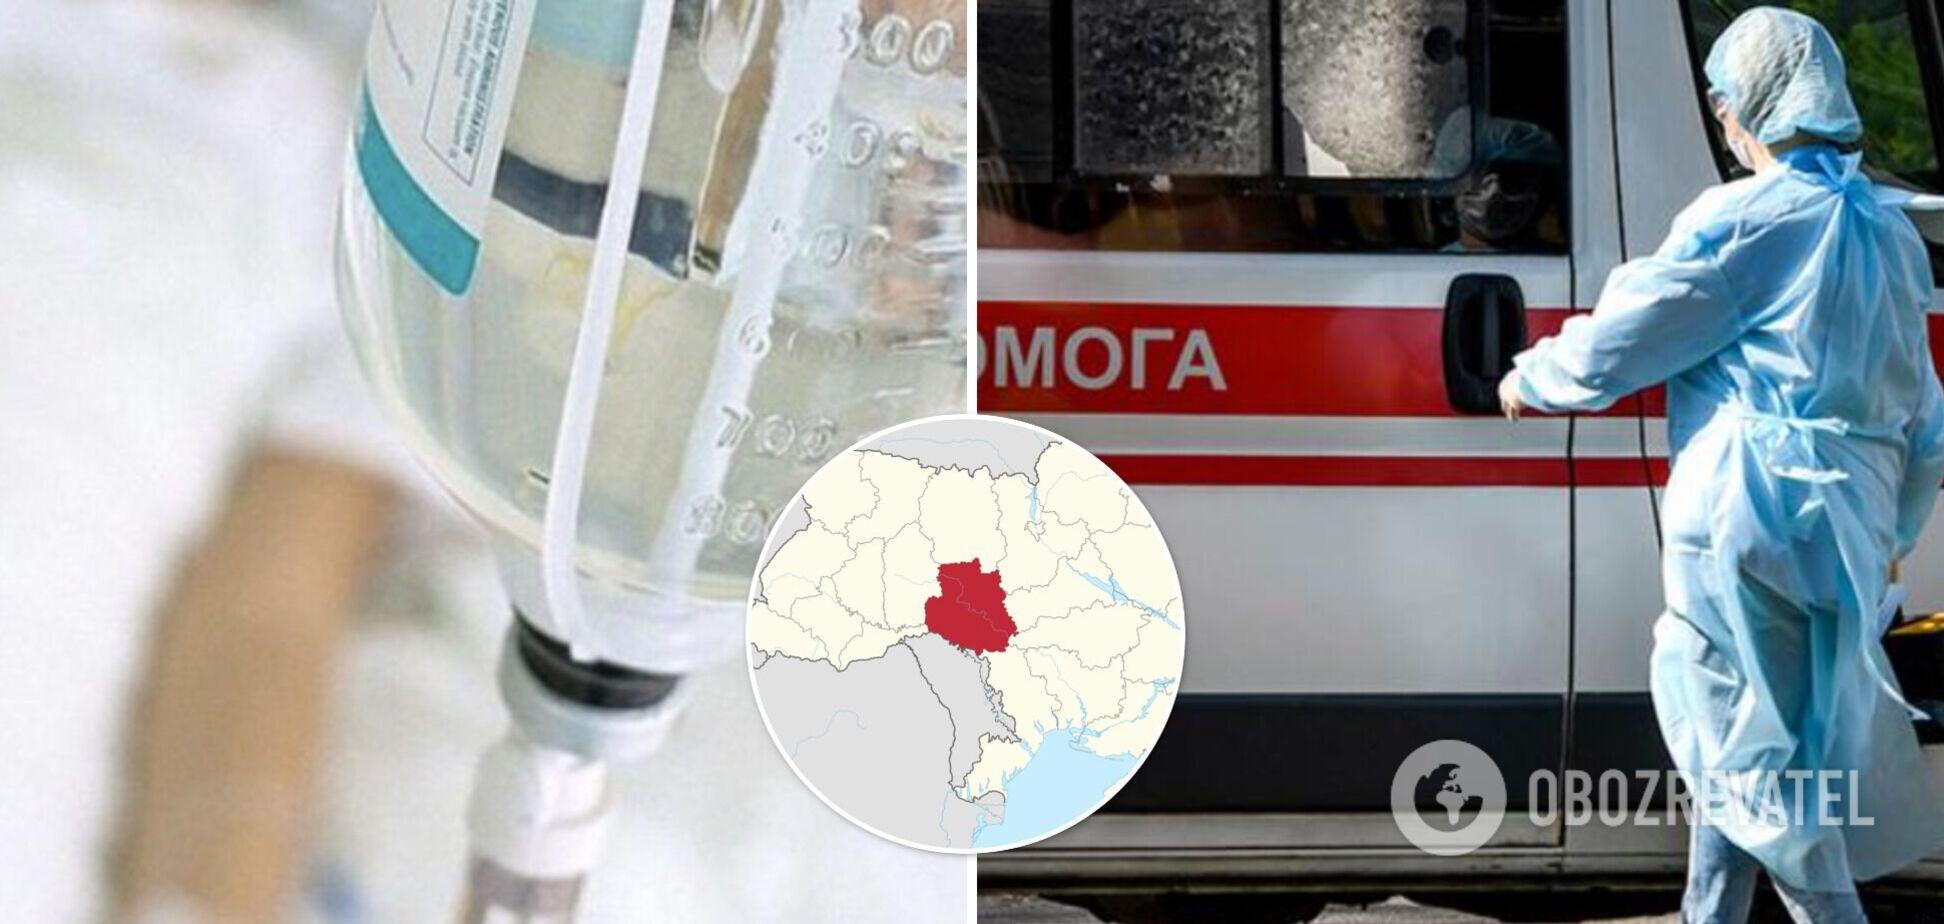 В Винницкой области отравились трое детей, двое умерли в больнице